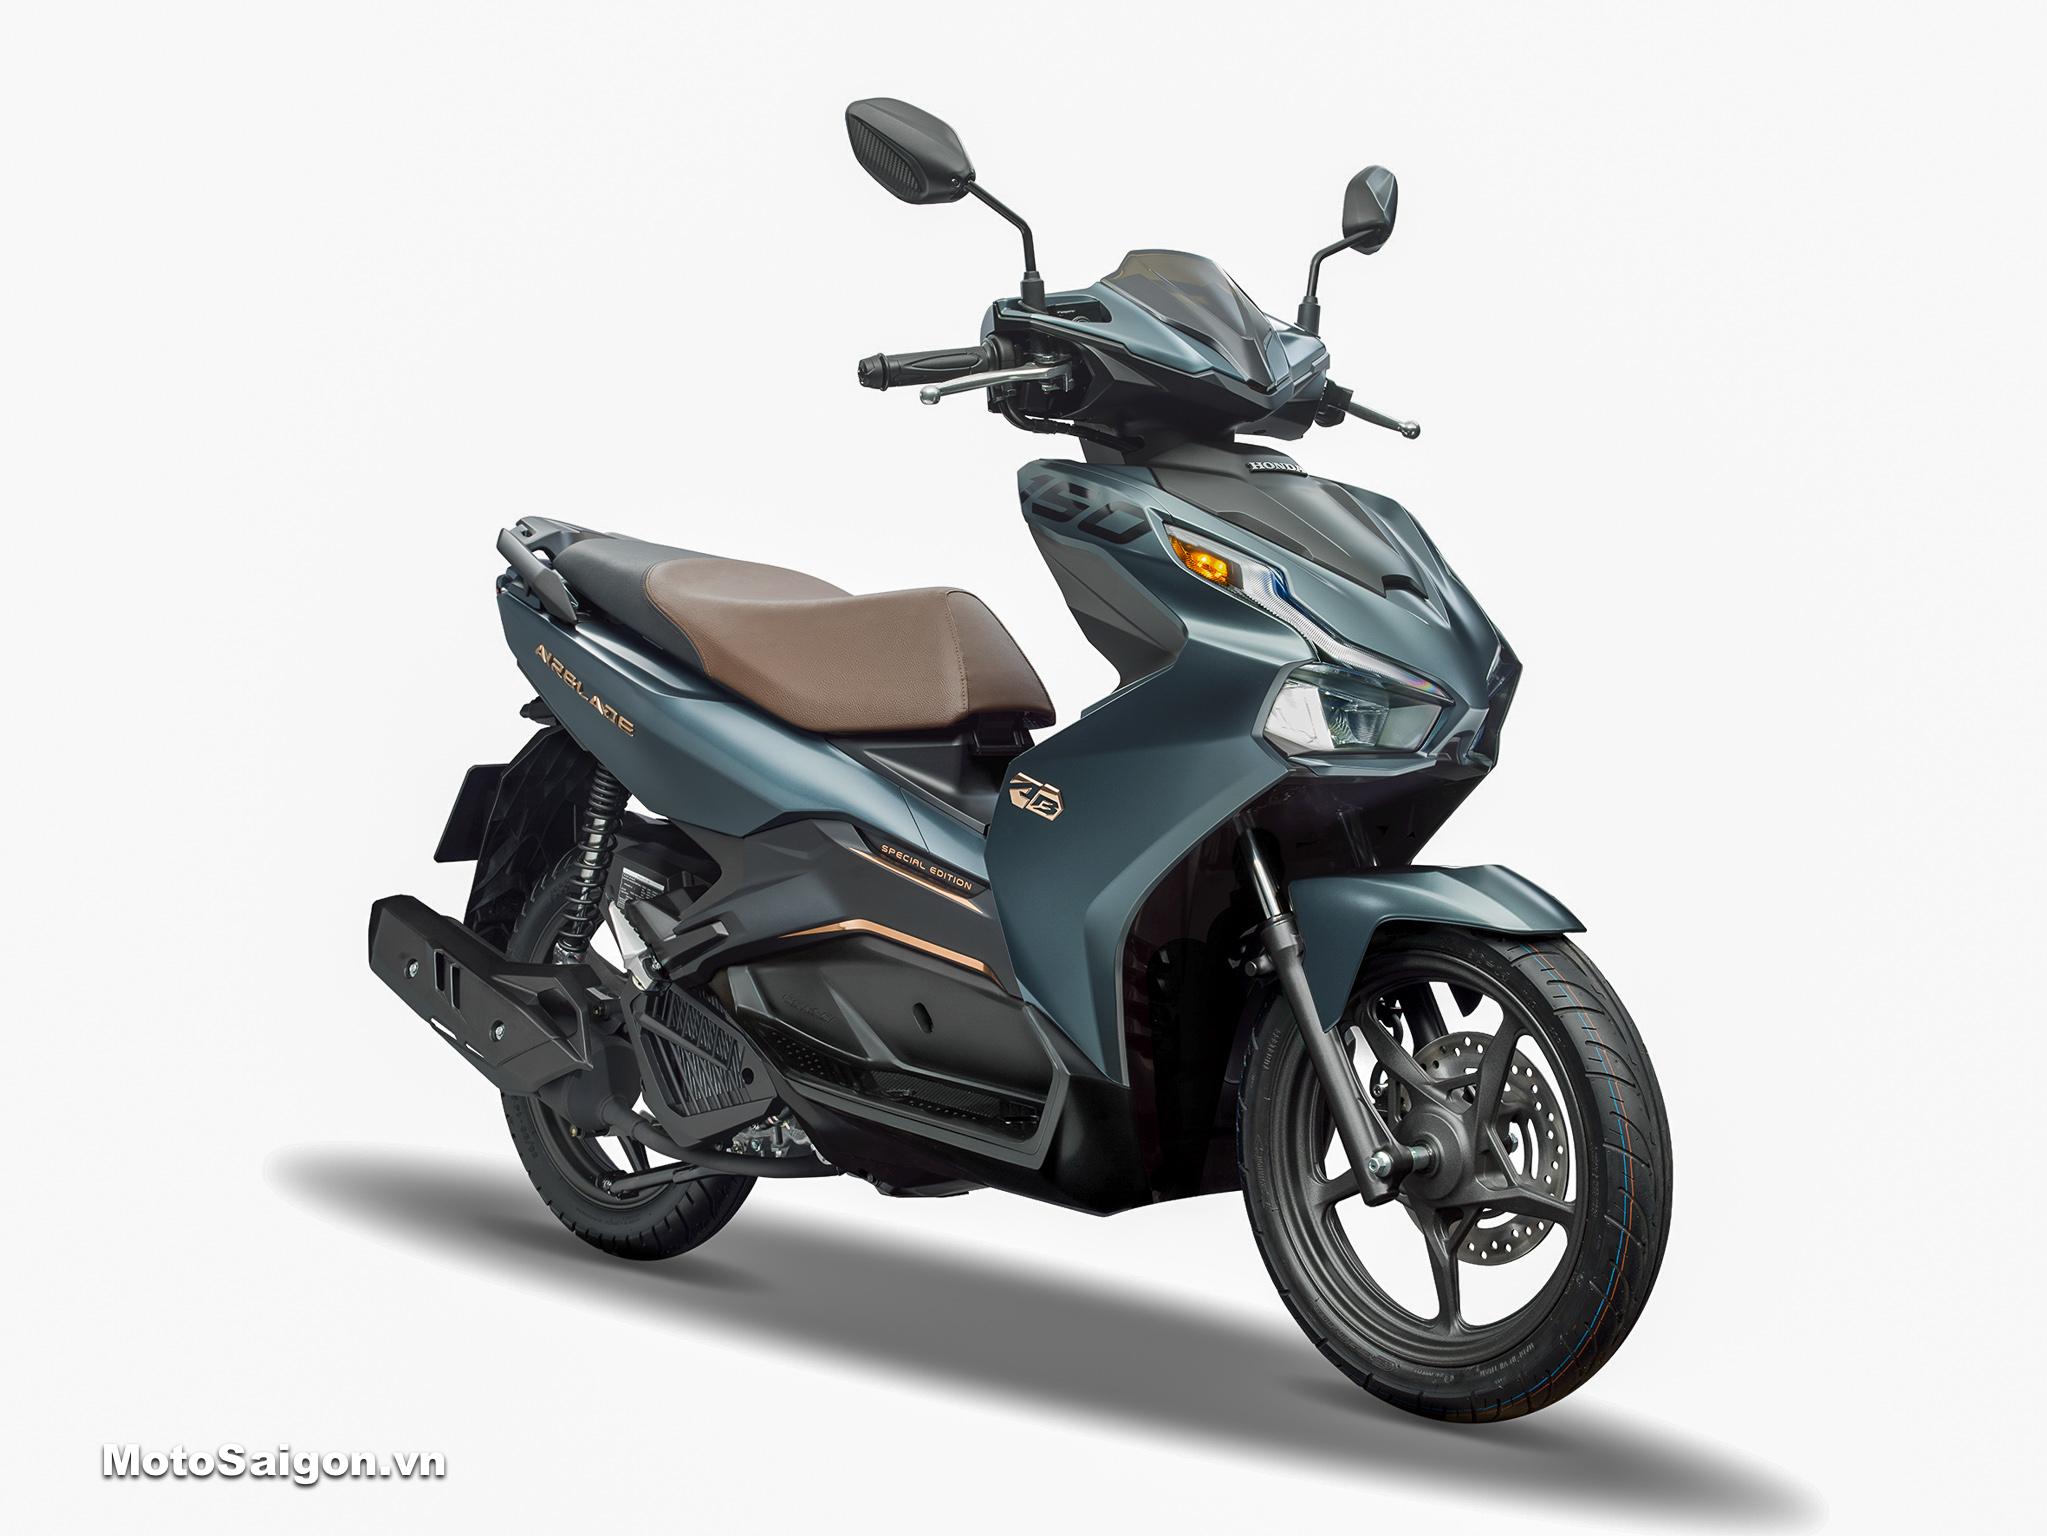 Honda Air Blade 150 ABS đặc biệt màu Special Editon 2020